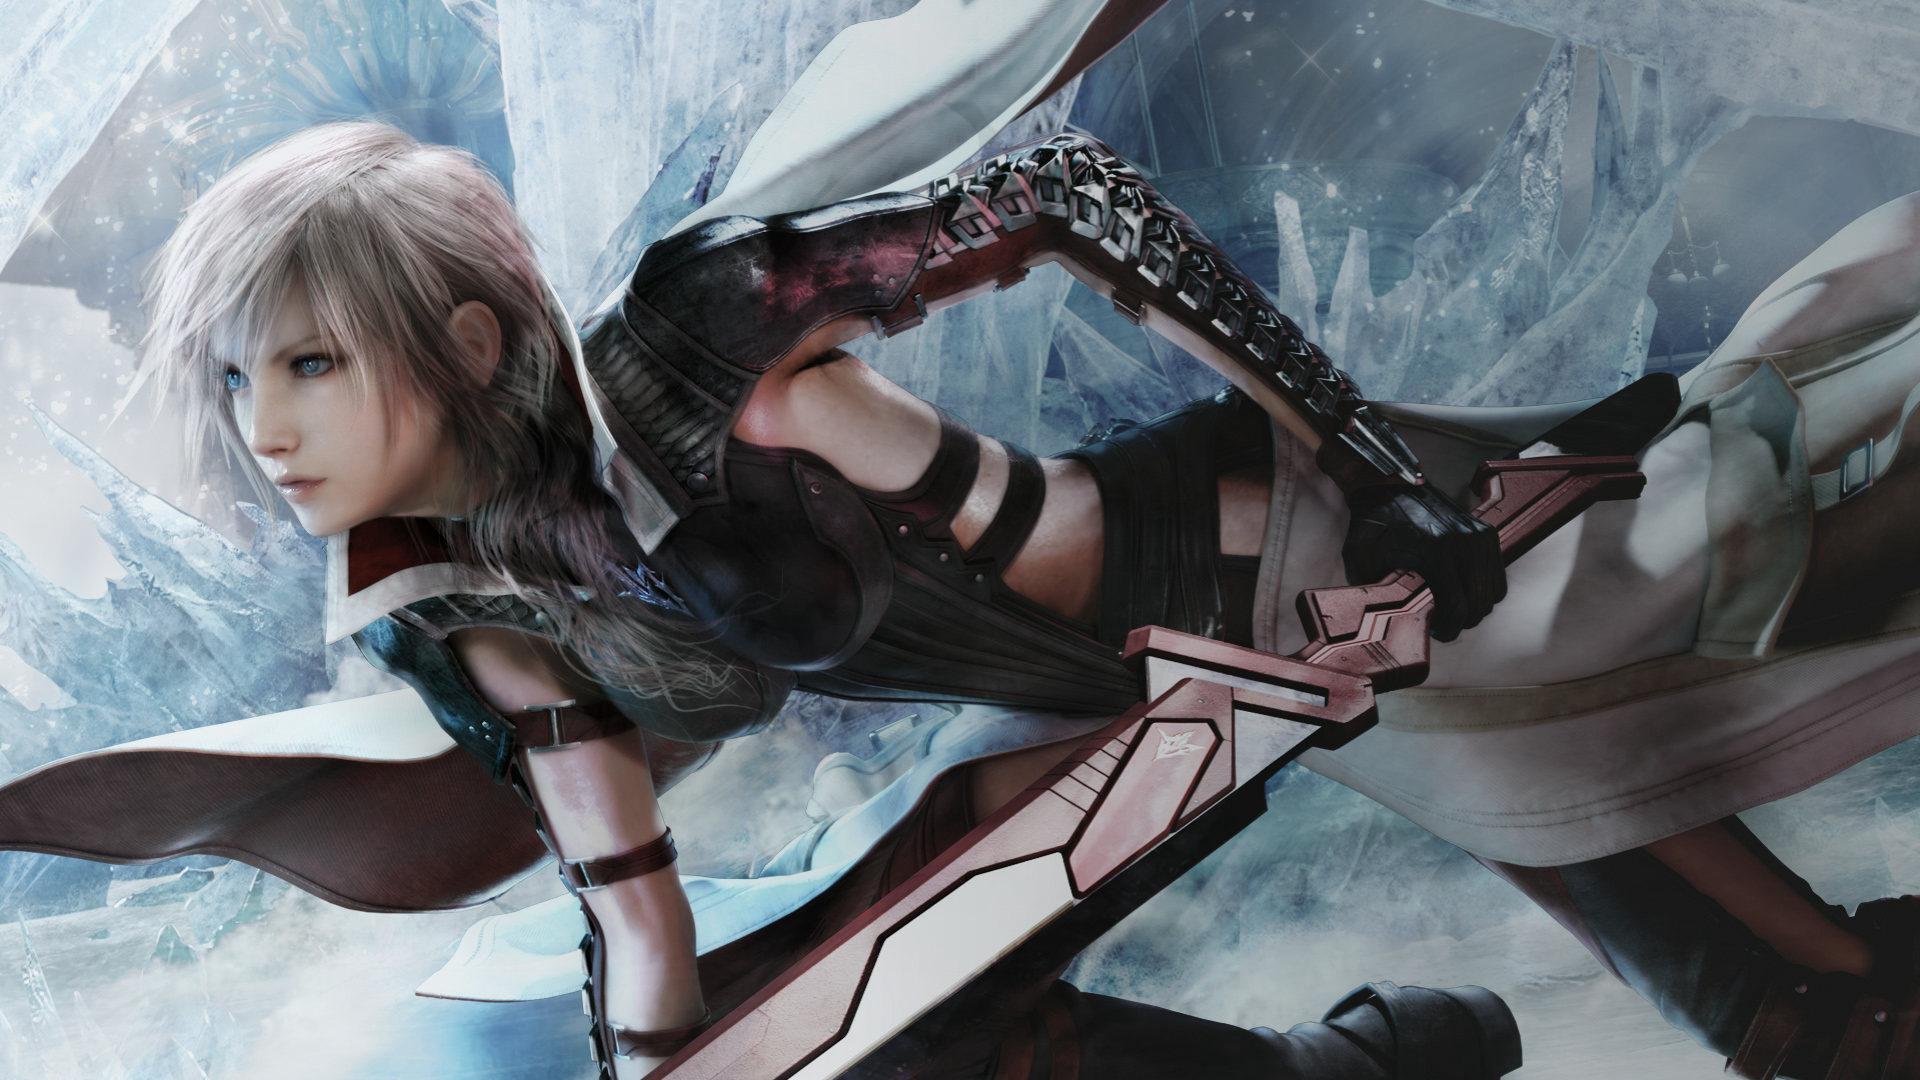 LIGHTNING RETURNS: FINAL FANTASY XIII - Lightning